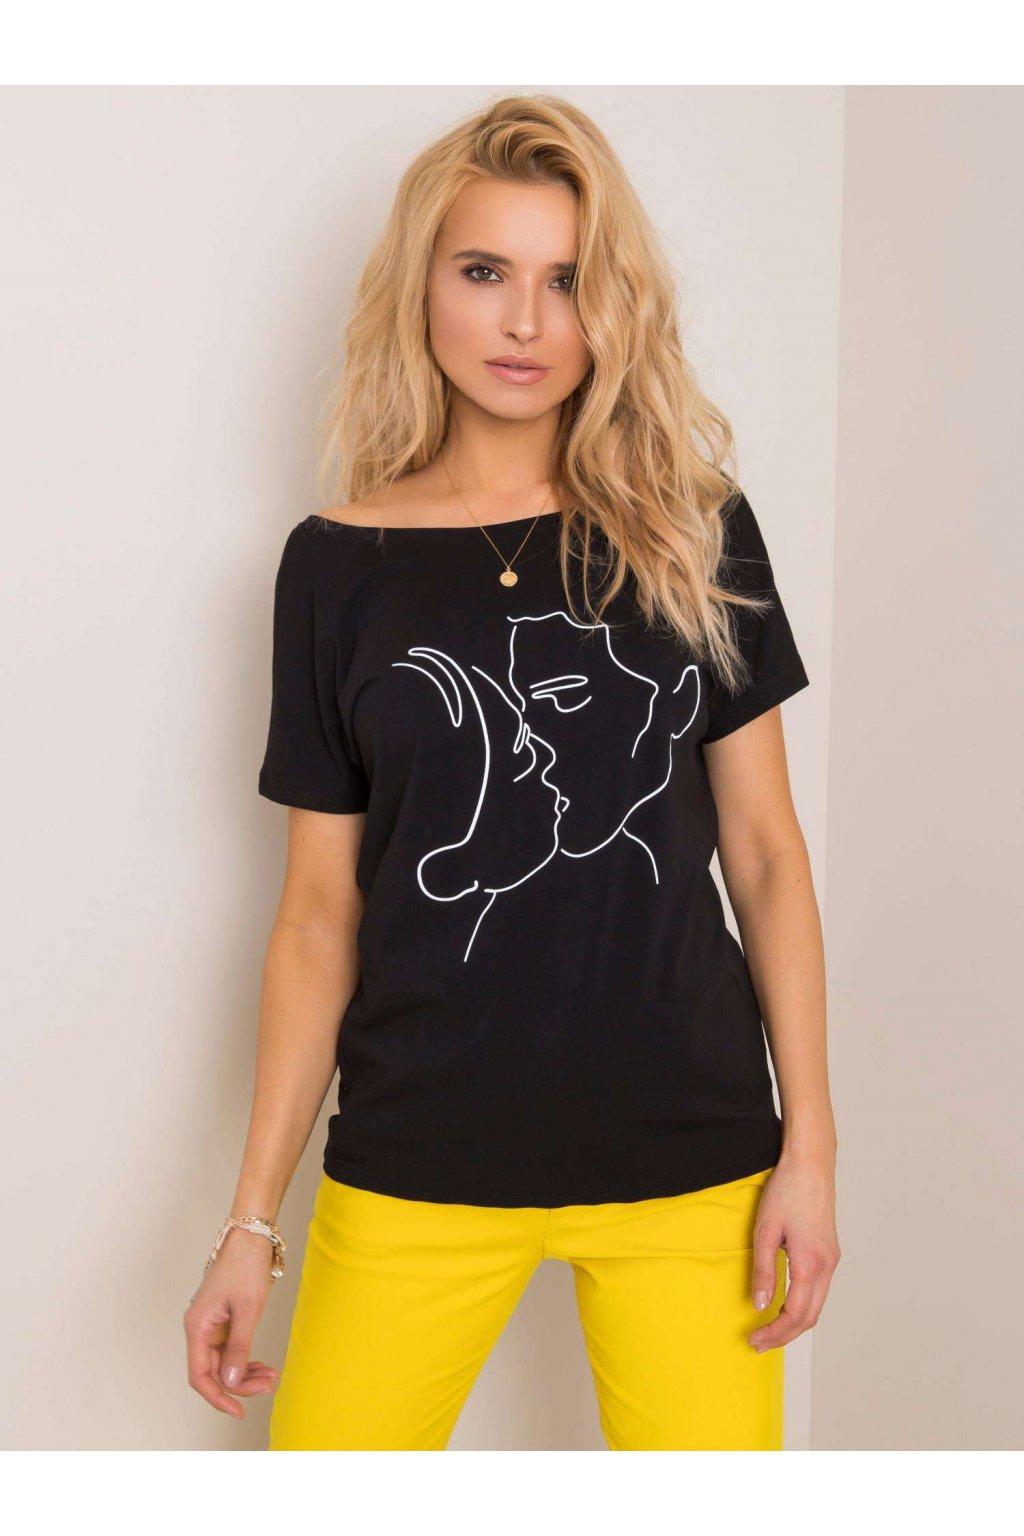 pol pl Czarny t shirt Kiss RUE PARIS 351319 1